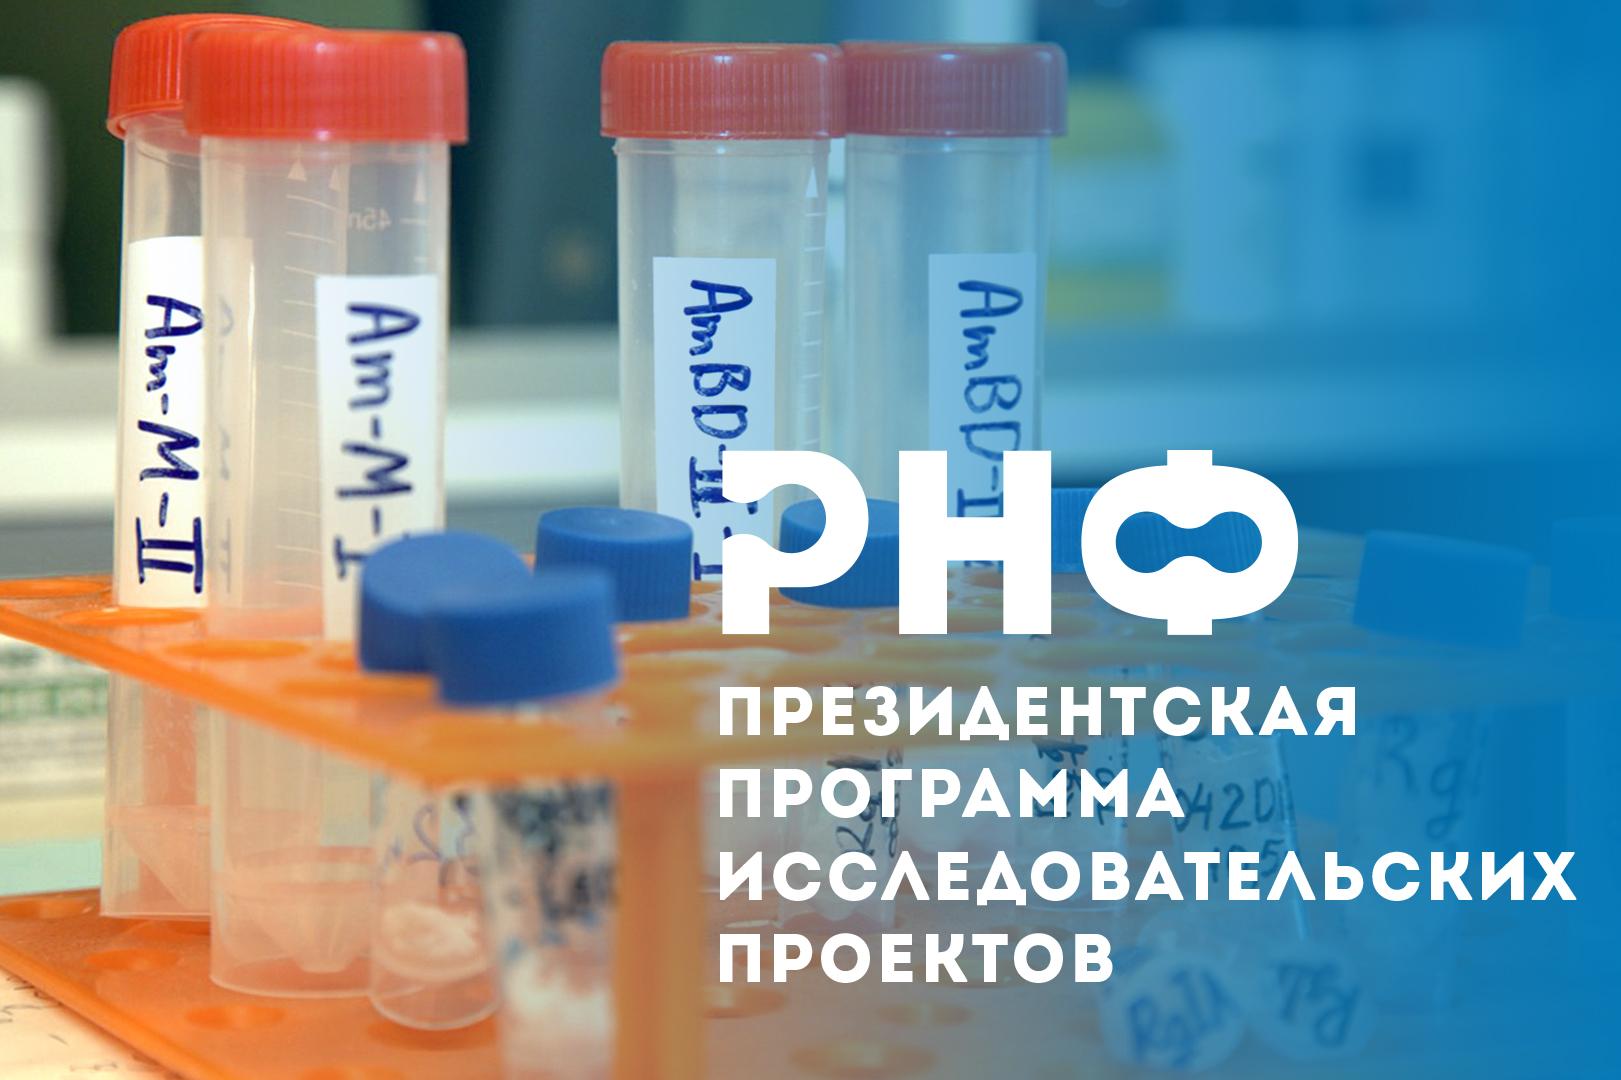 Проекты ИГУ получили поддержку Российского научного фонда